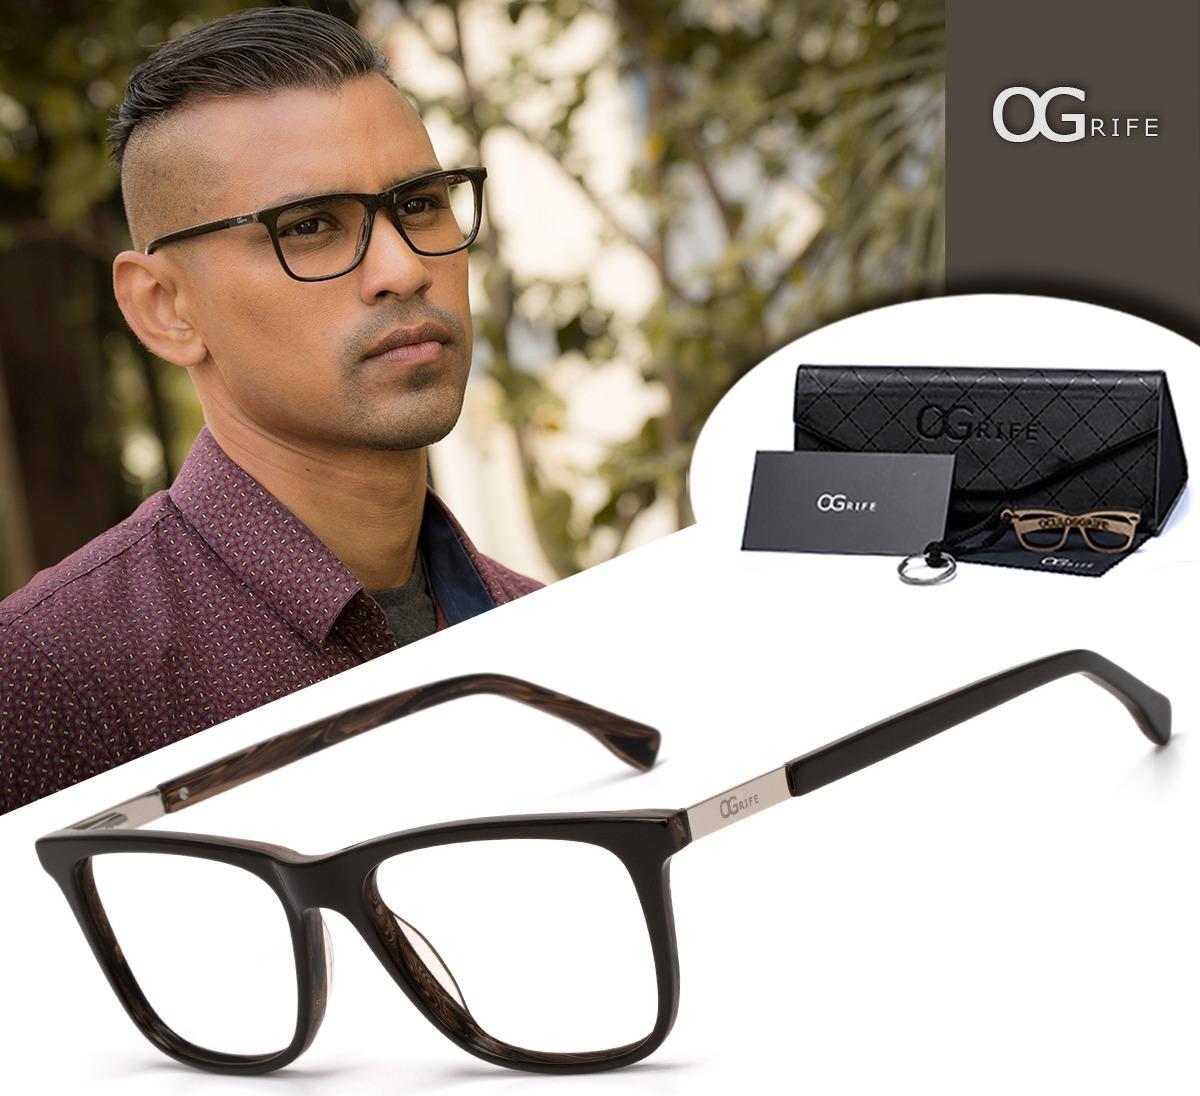 7ba0c329d armação oculos ogrife og 1117-c com lente sem grau masculino. Carregando  zoom.